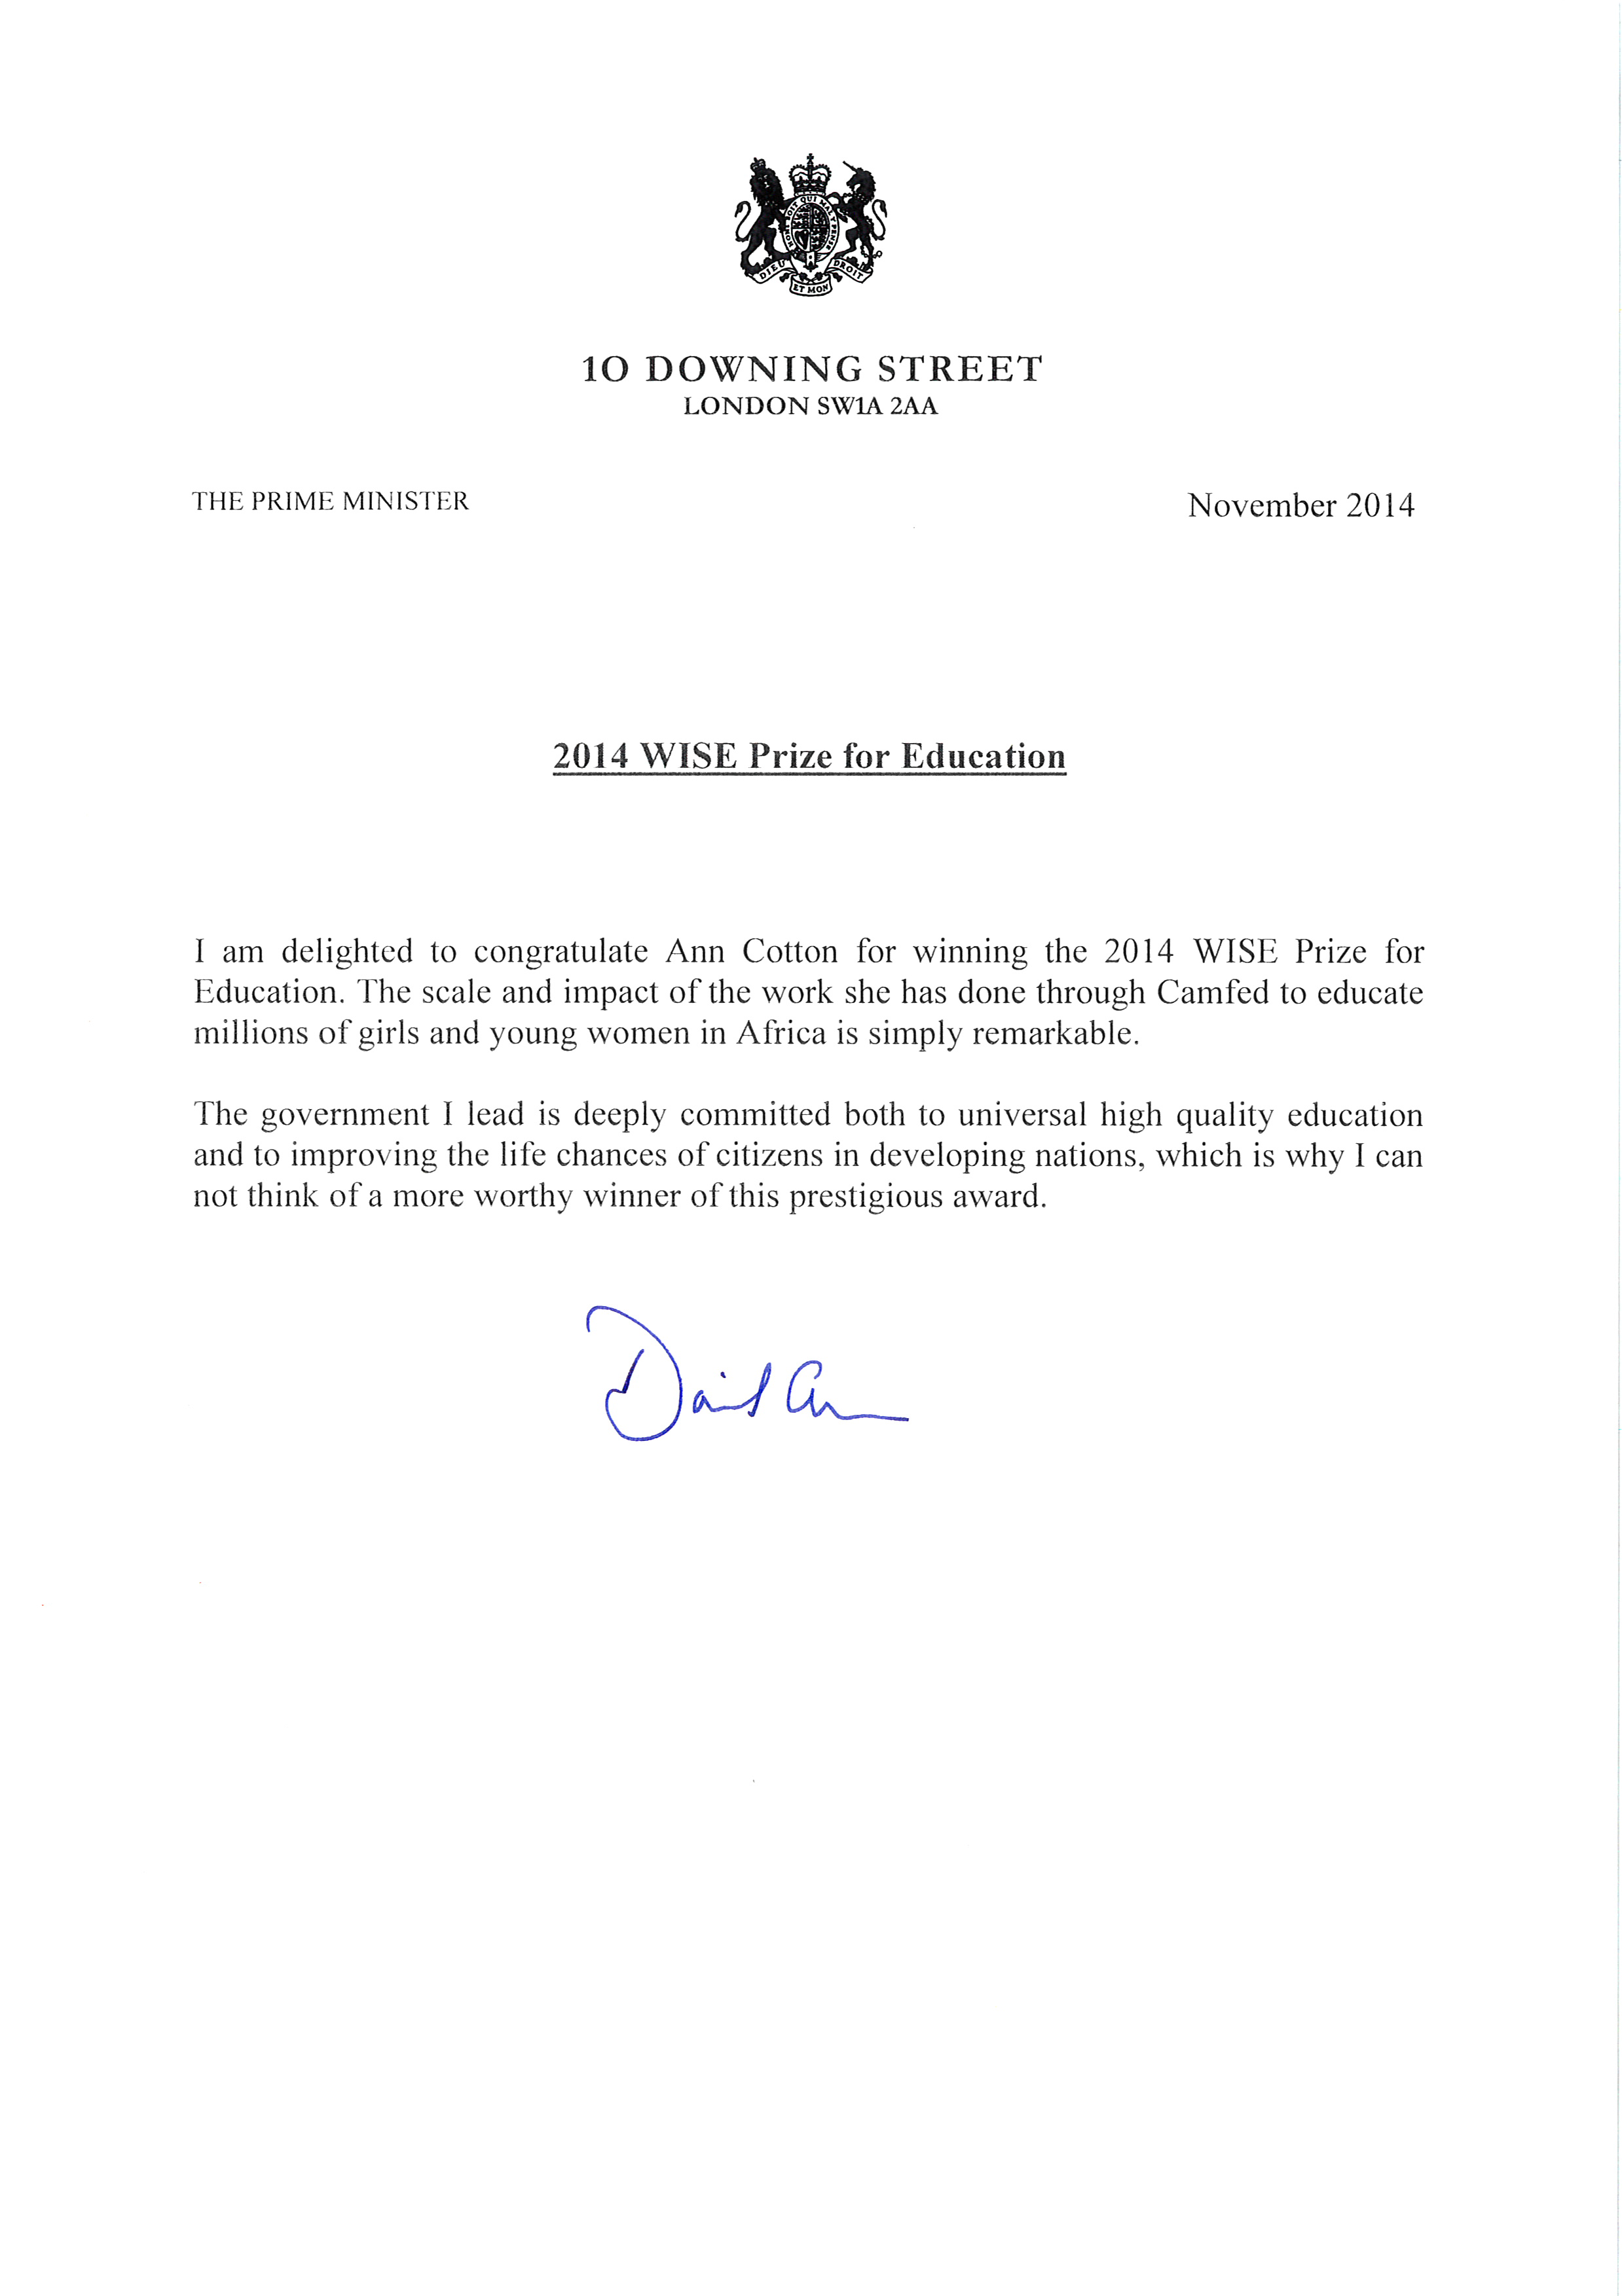 Prime Minister Cameron Congratulates Ann Cotton